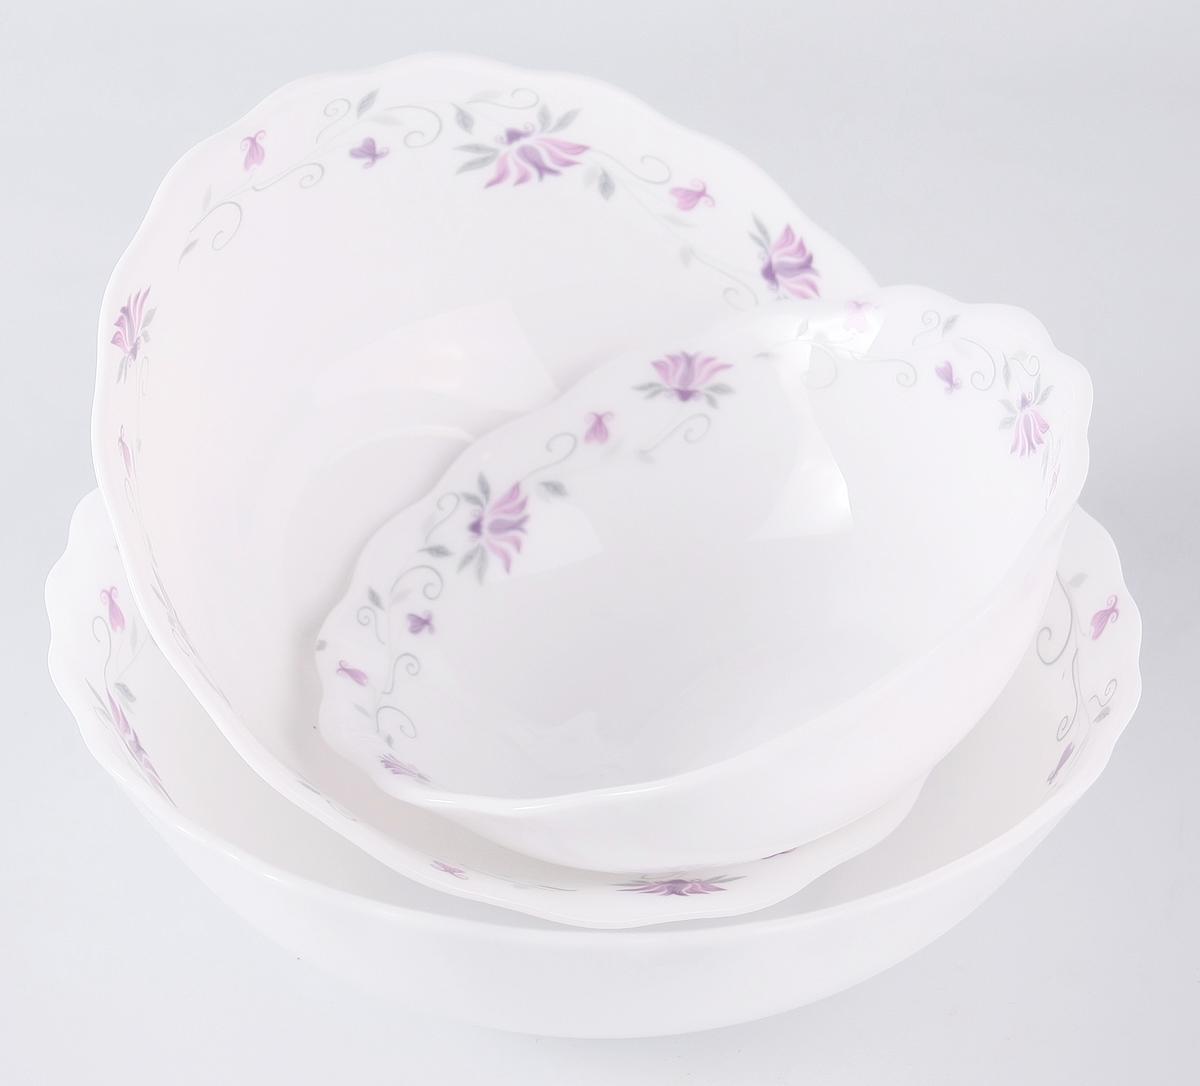 """Набор столовой посуды Olaff  """"Эстелла"""" состоит из 3 предметов.  В набор входят:  - 6 мелких тарелок 175 мм,  - 1 салатник 300 мл,  - 1 салатник 450 мл,  - 1 салатник 750 мл.  Набор продается в красивой подарочной упаковке.  Посуда изготовлена из качественной стеклокерамики."""